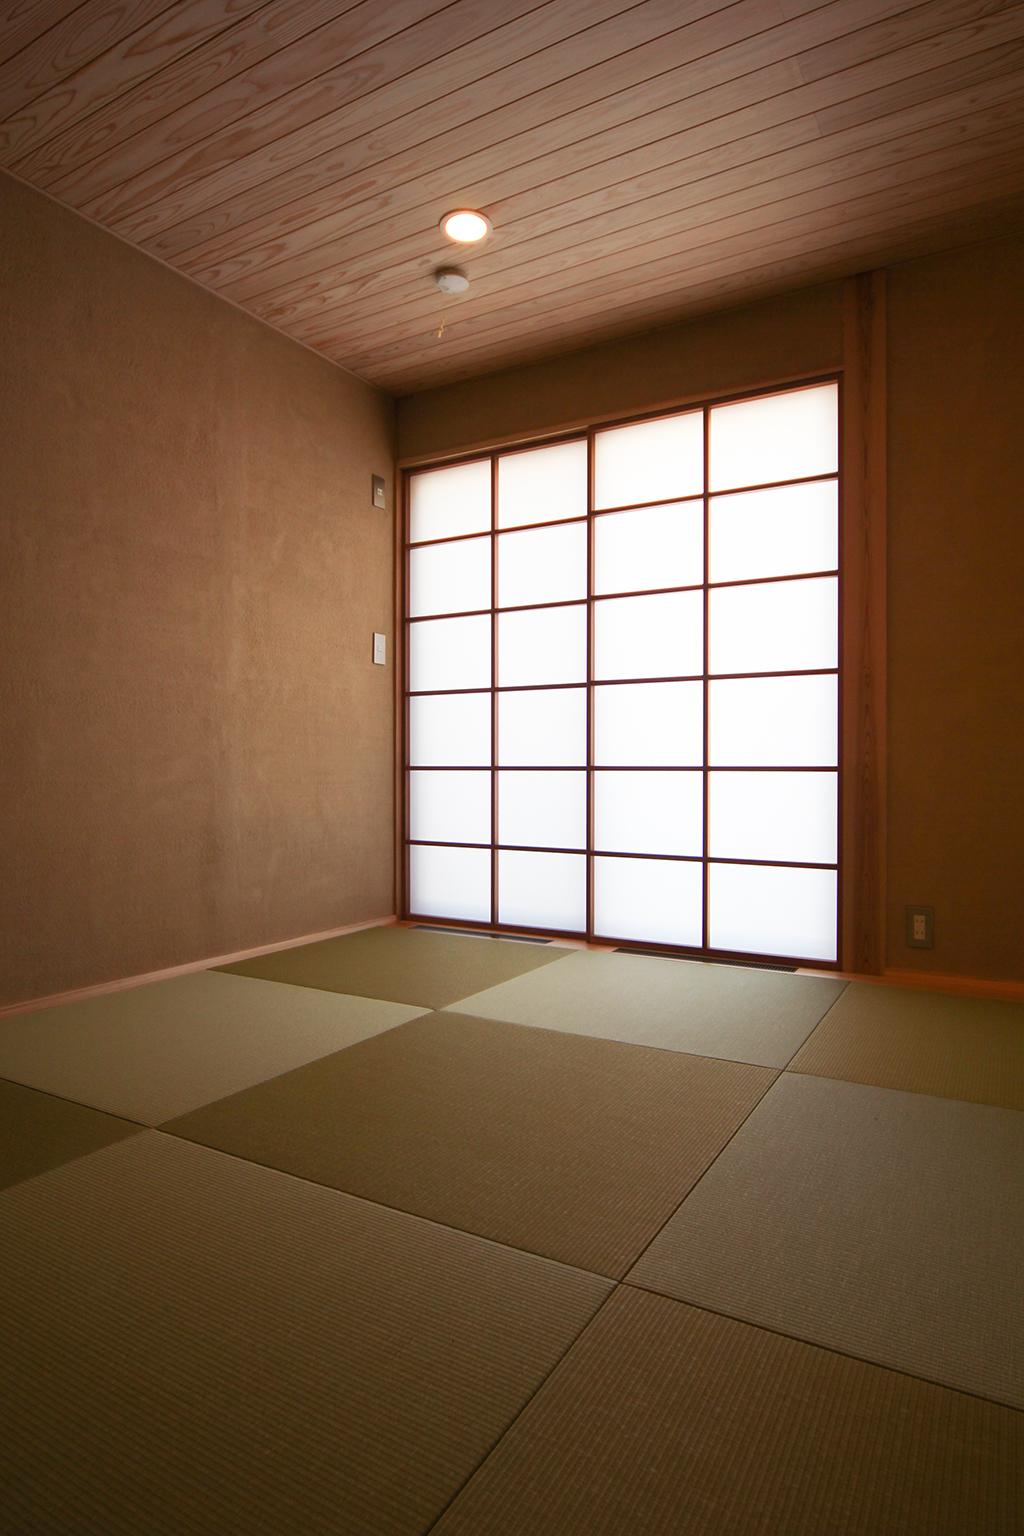 宍粟市の木の家 薩摩中霧島壁の和室